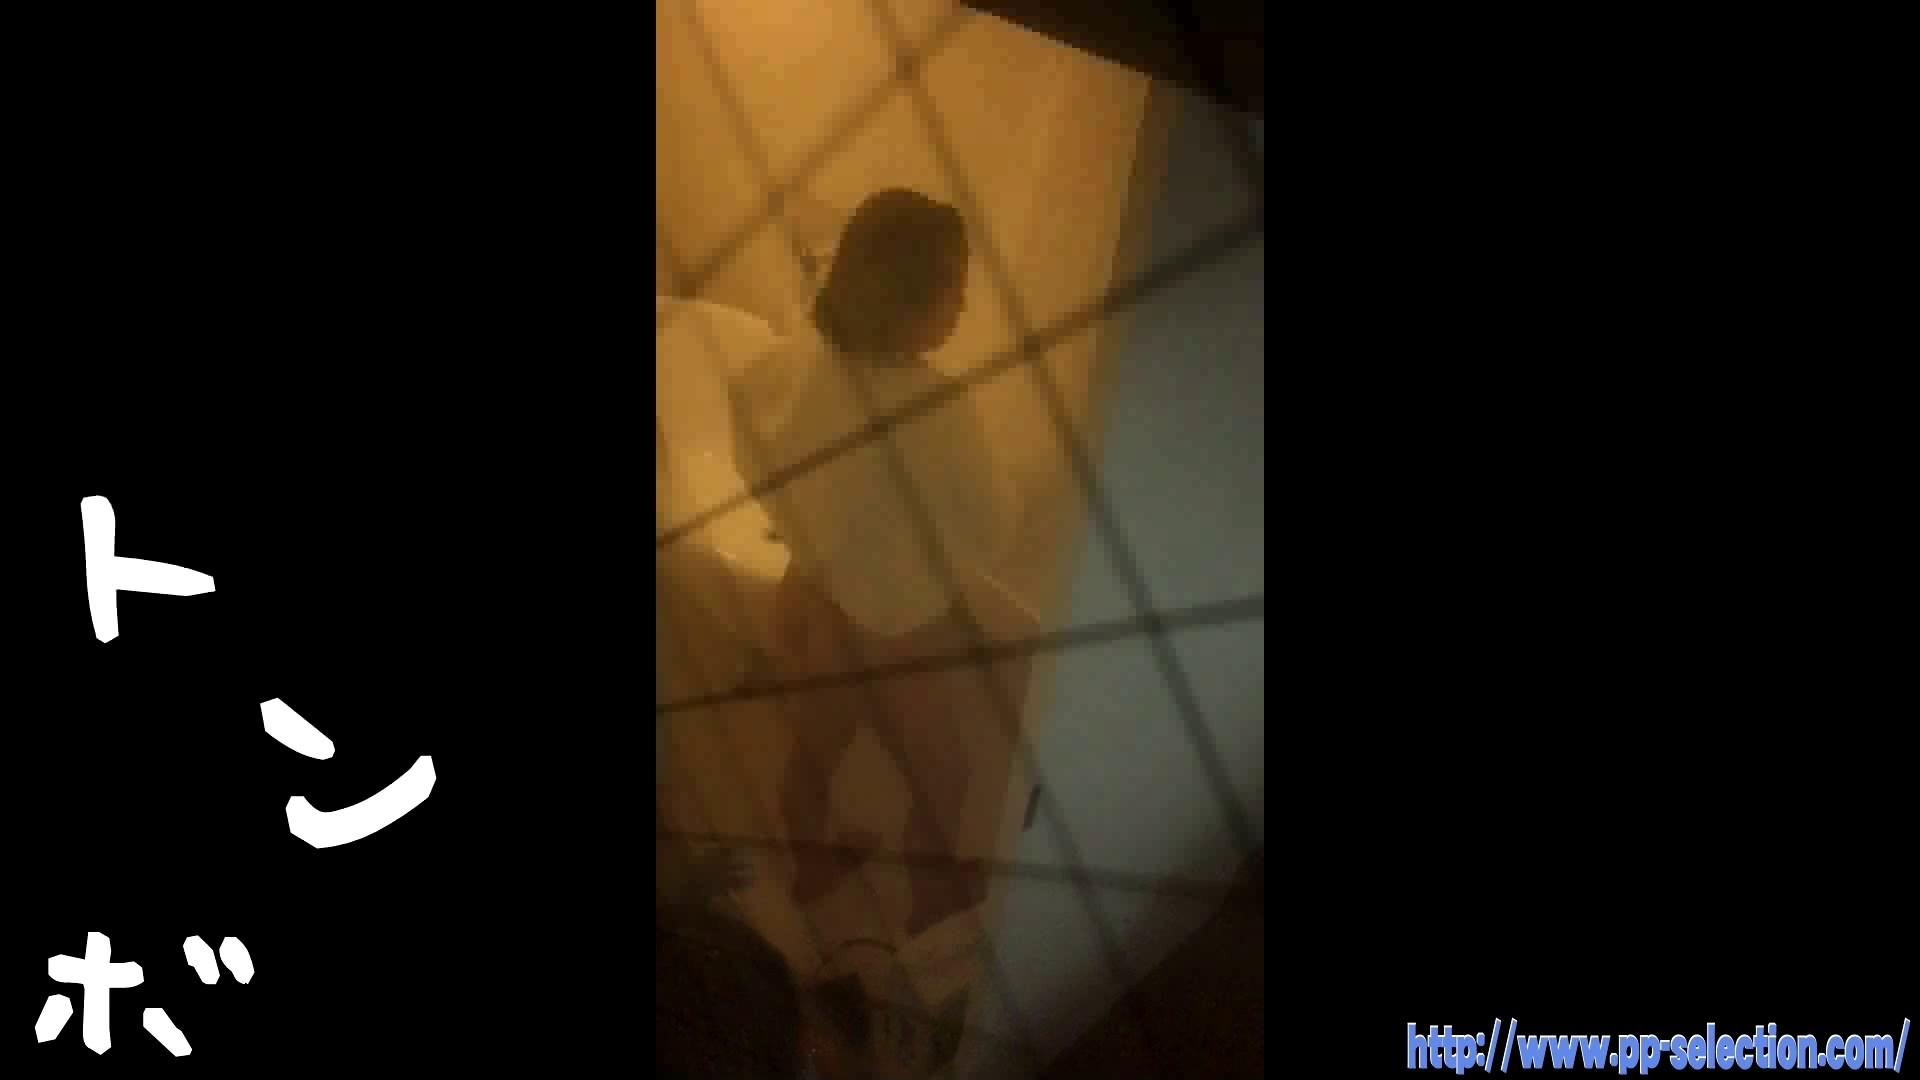 美女達の私生活に潜入!お洒落なアパレル店員の私生活!! 高画質 AV無料動画キャプチャ 99pic 91